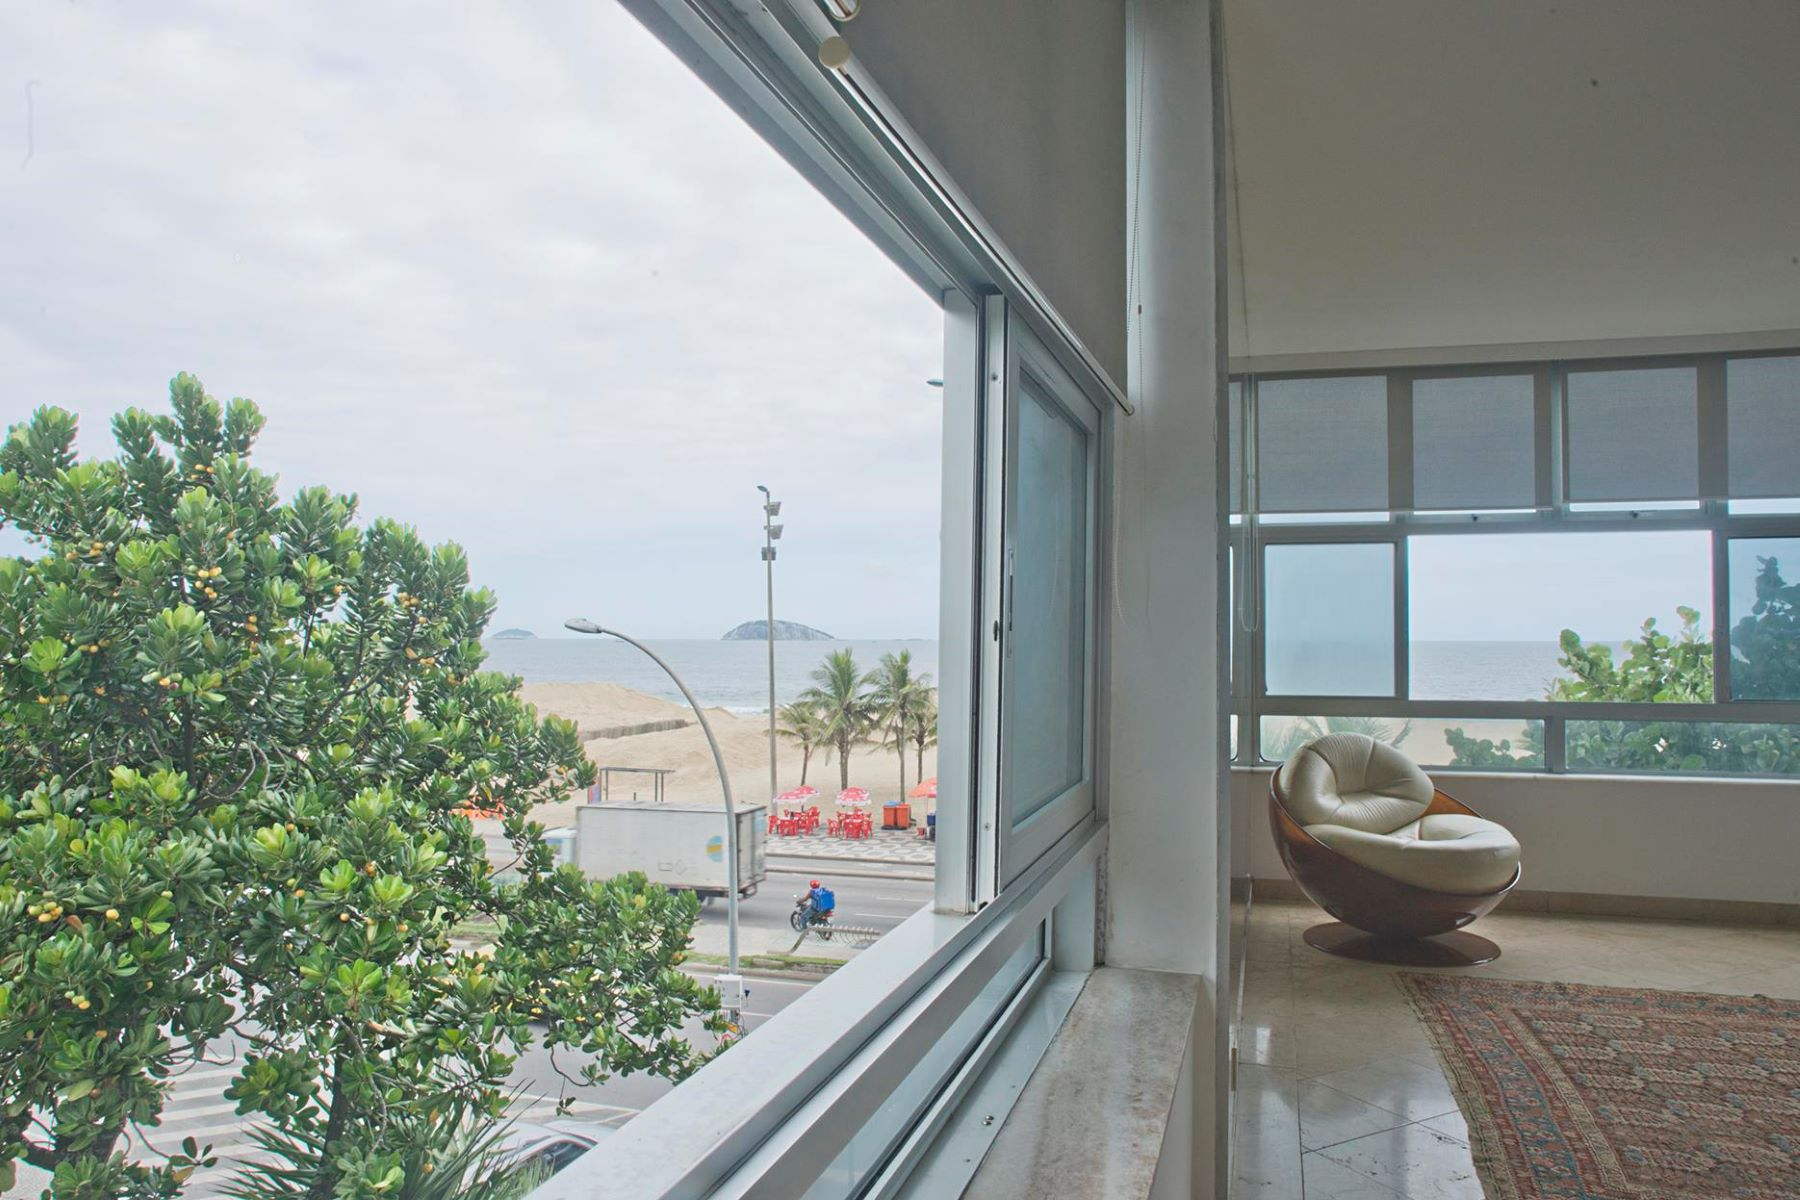 Moradia para Venda às Classy Seafront Apartment Avenida Delfim Moreira Rio De Janeiro, Rio De Janeiro, 22441-000 Brasil